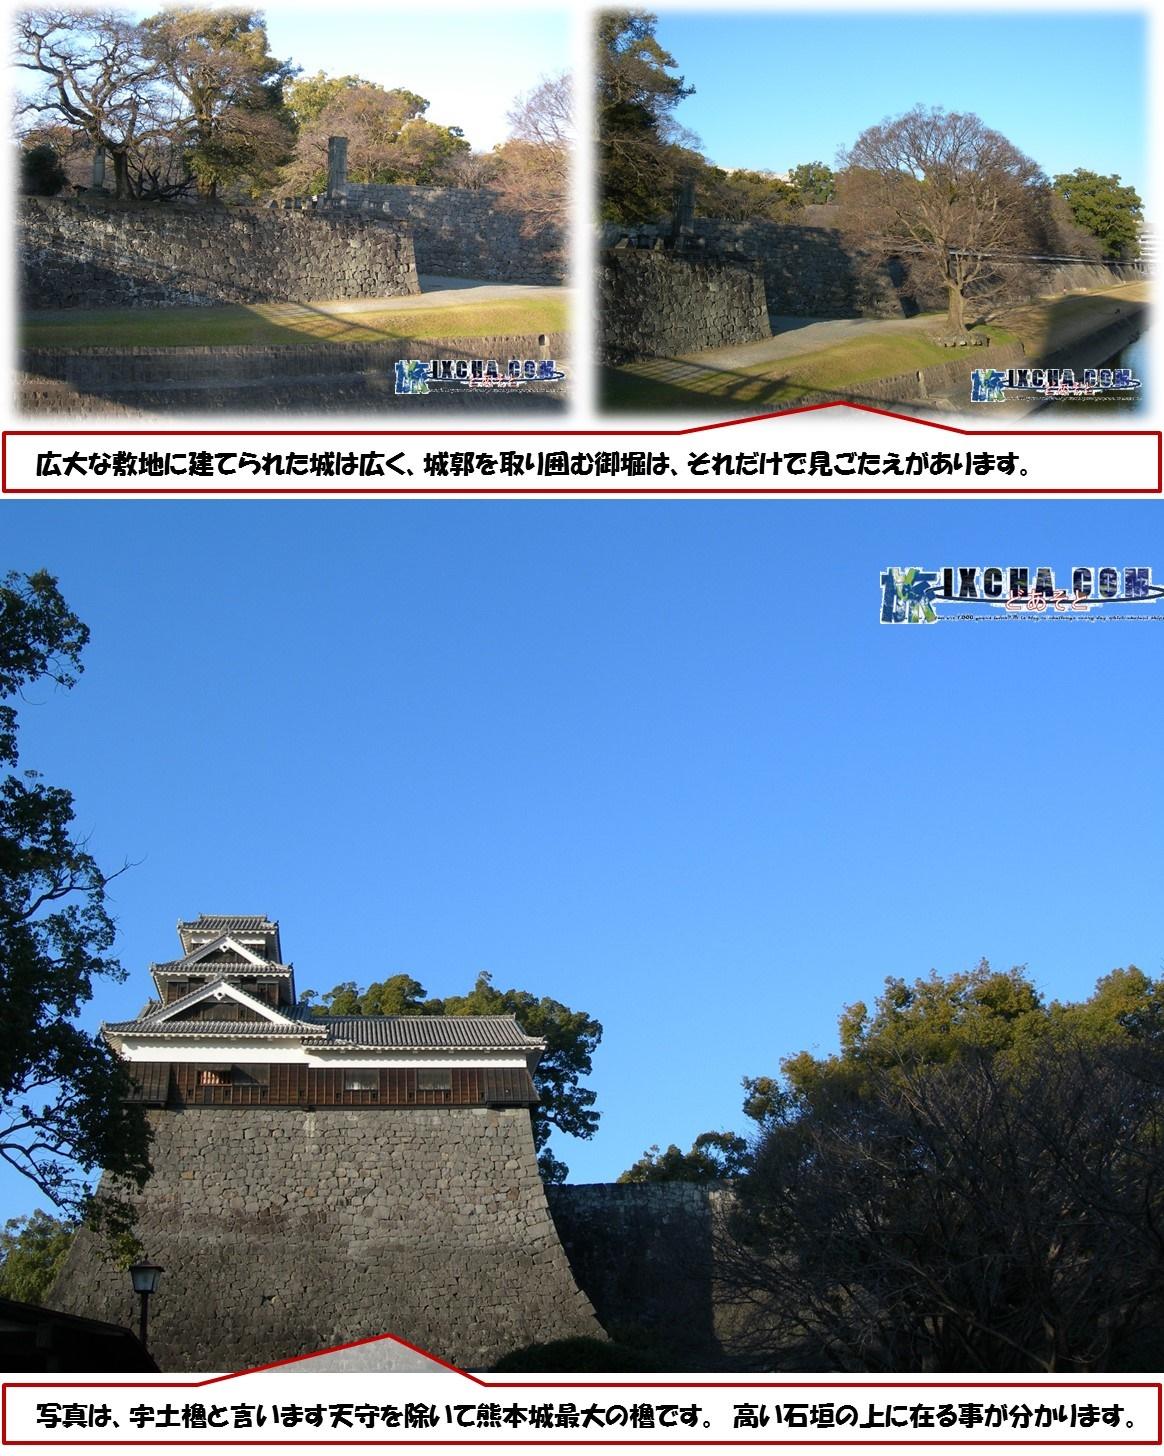 広大な敷地に建てられた城は広く、城郭を取り囲む御堀は、それだけで見ごたえがあります。 写真は、宇土櫓と言います天守を除いて熊本城最大の櫓です。 高い石垣の上に在る事が分かります。